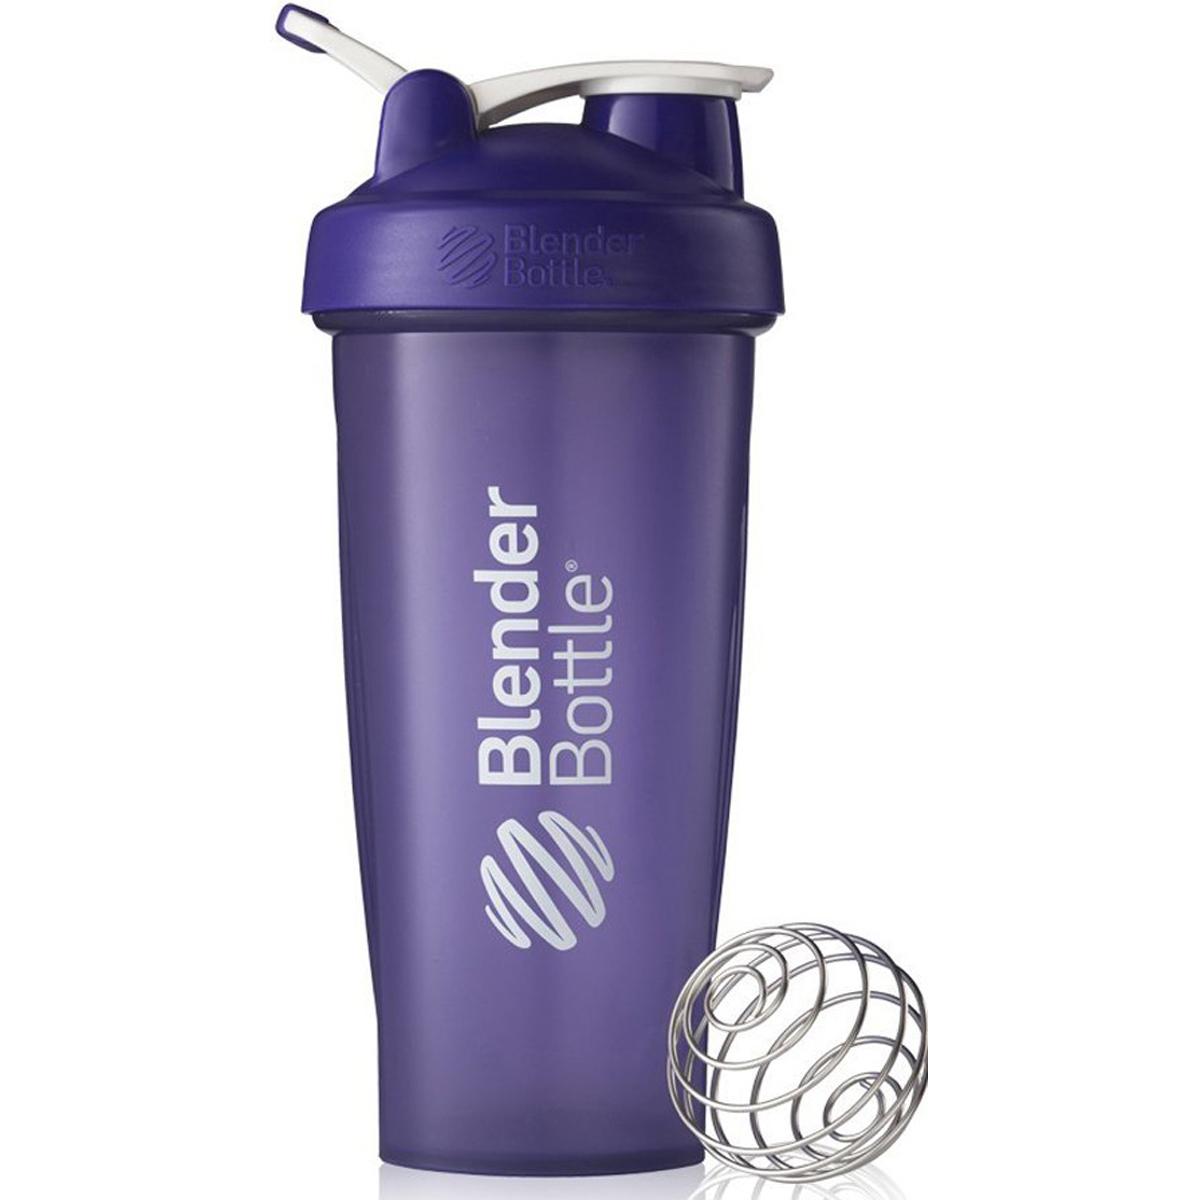 Protein Shaker Ne Kadar: Blender Bottle Classic 28 Oz. Shaker With Loop Top